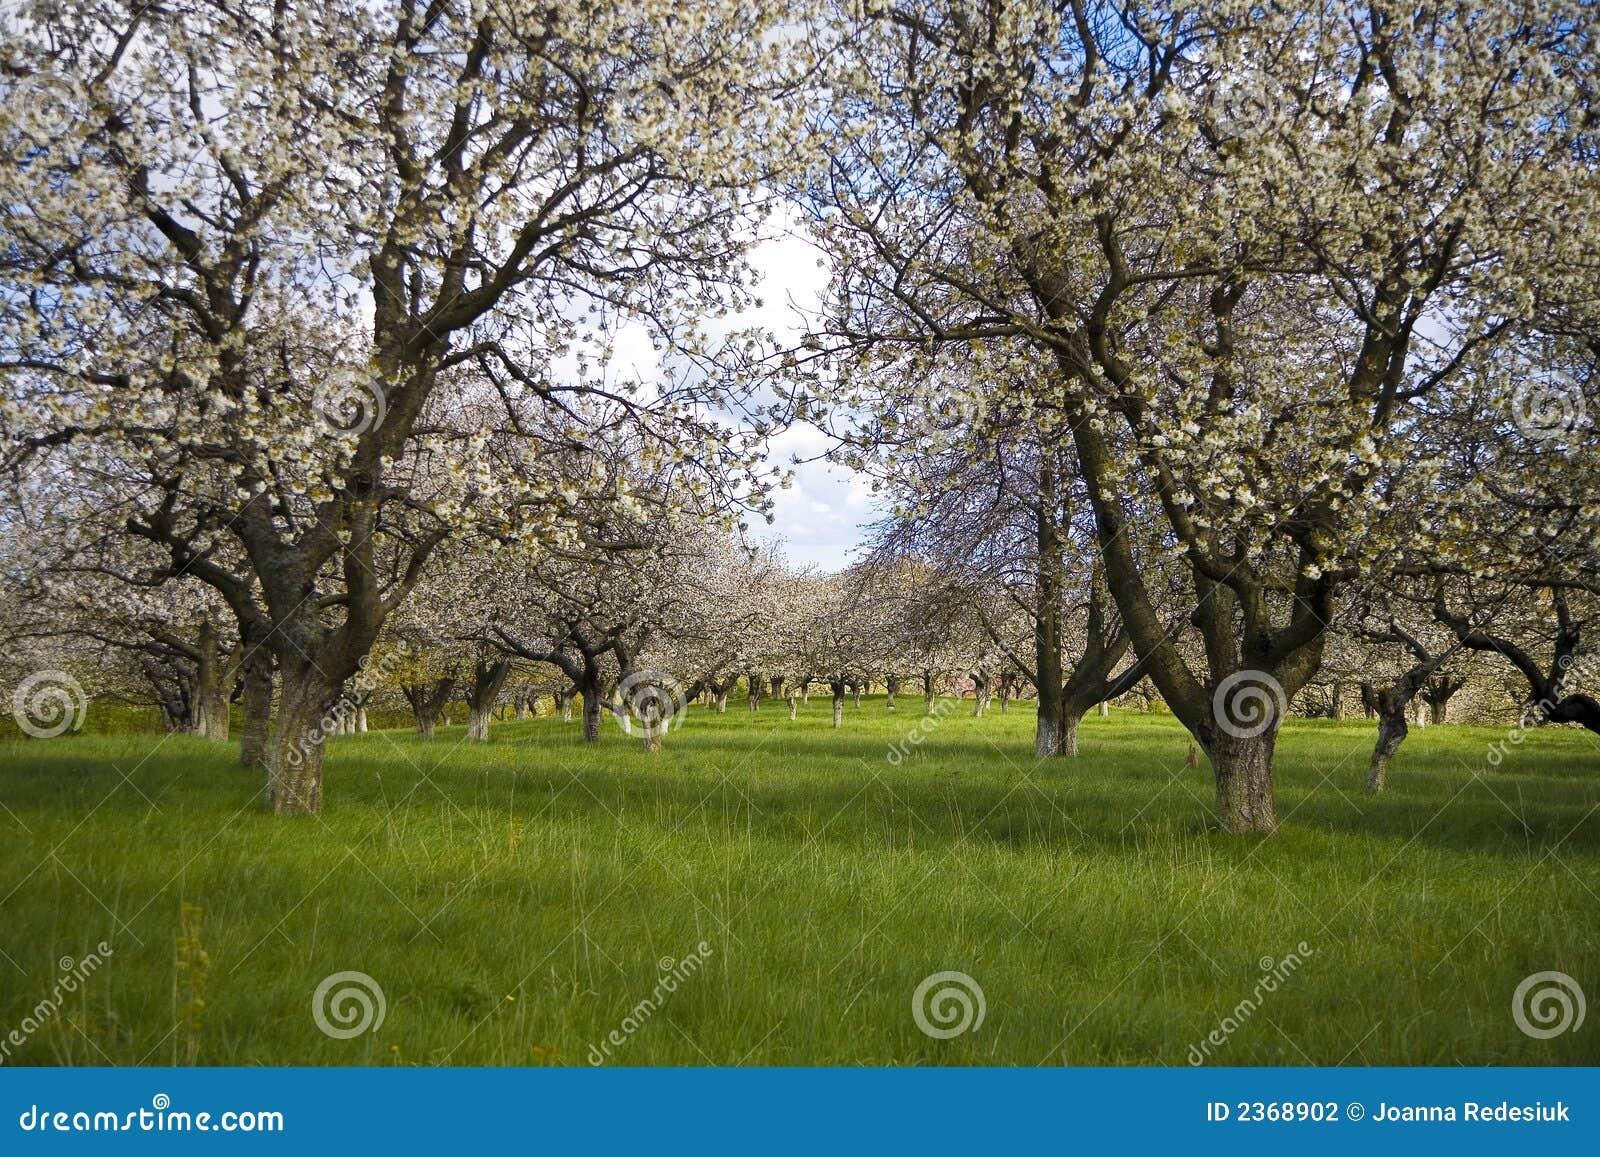 Sakura Garden Stock Photography Image 2368902